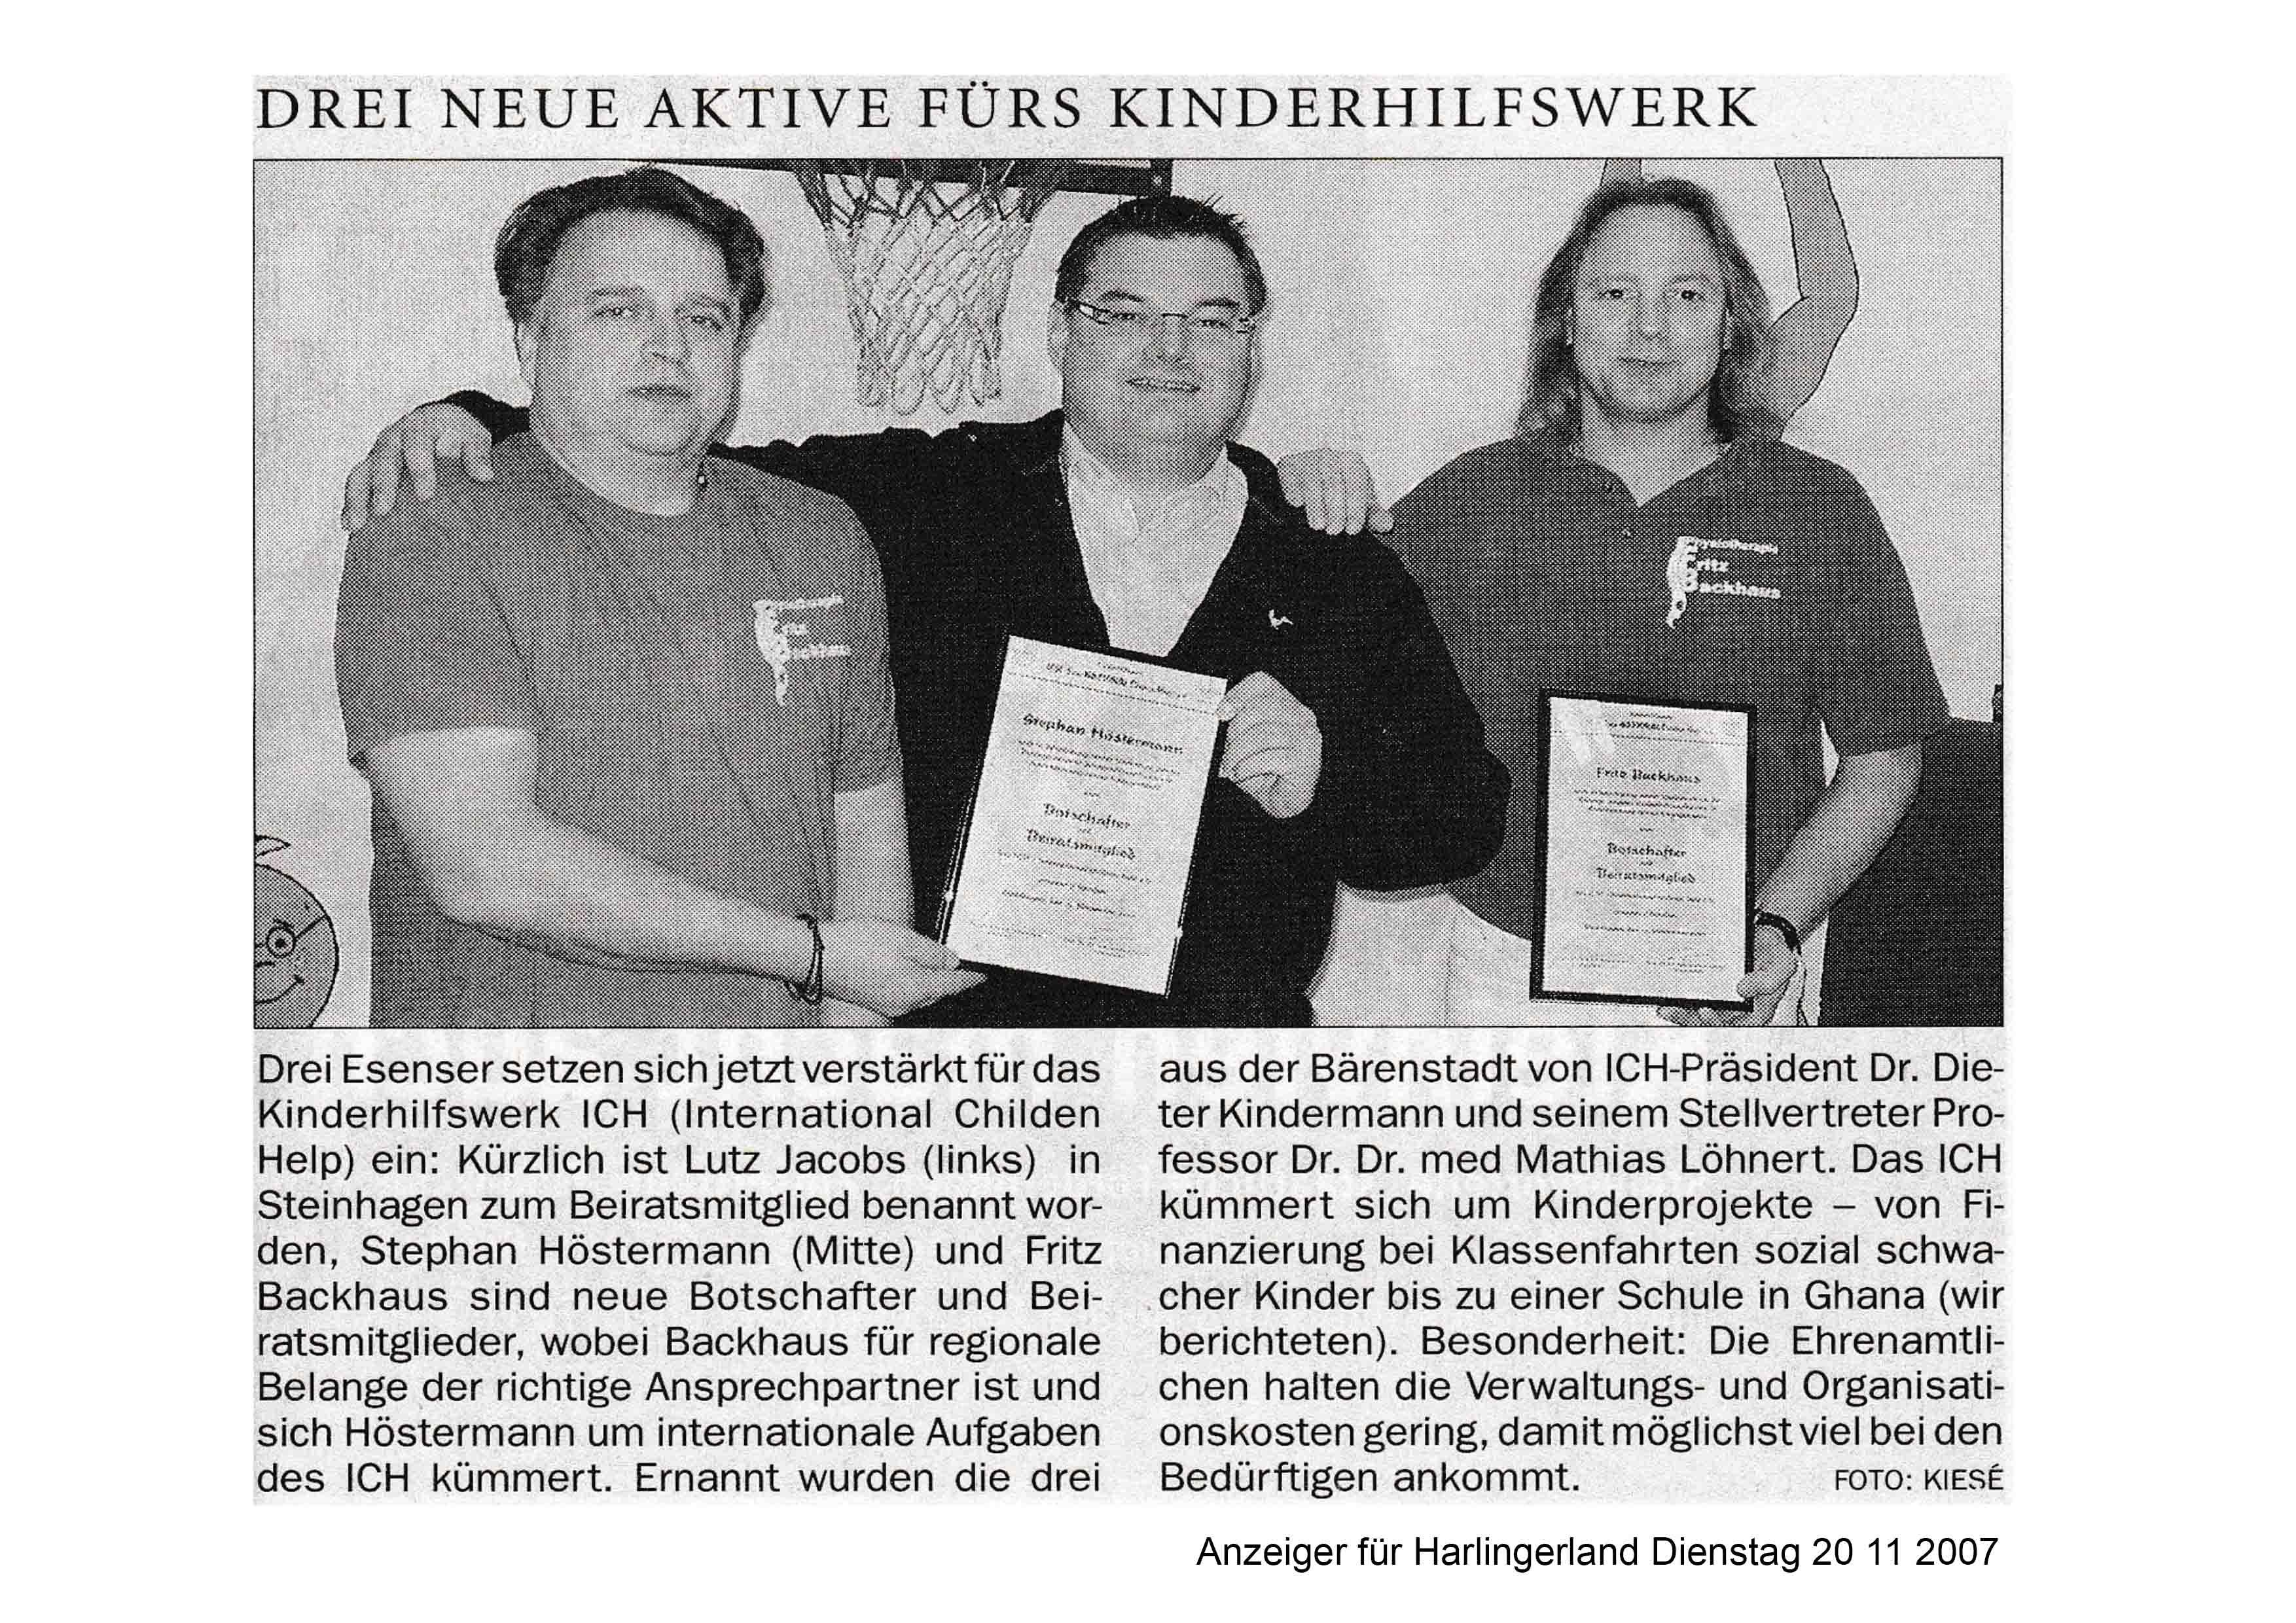 Anzeiger für Harlingerland Dienstag 20 11 2007